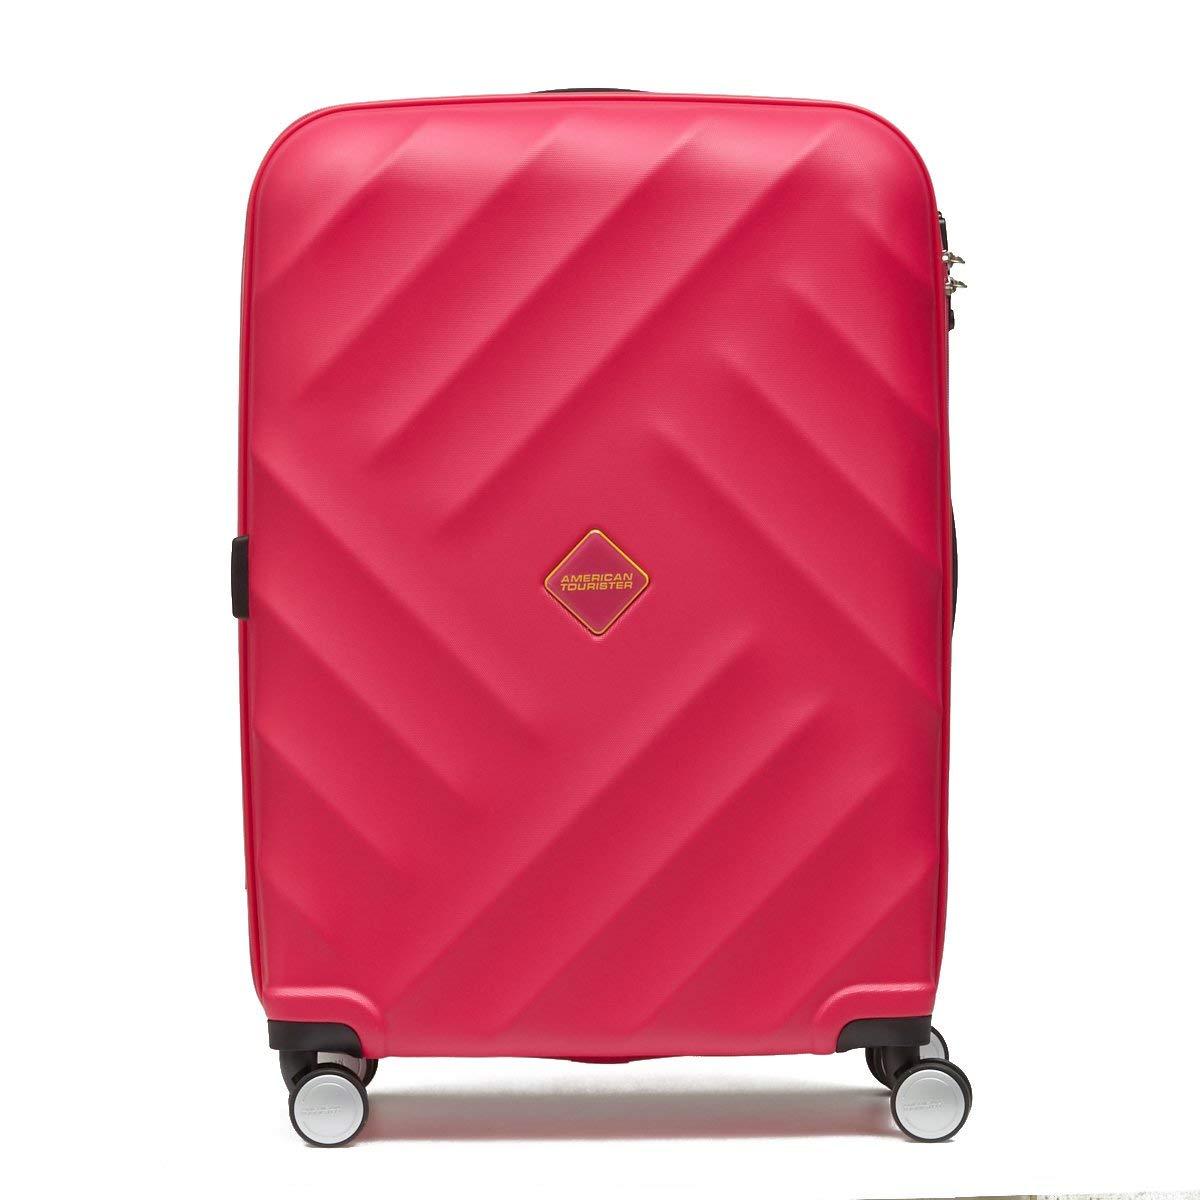 アメリカンツーリスター スーツケース (GRAVITYグラビティAN8*007) 76cm (Lサイズ)  チェリー B07BNZF6RC